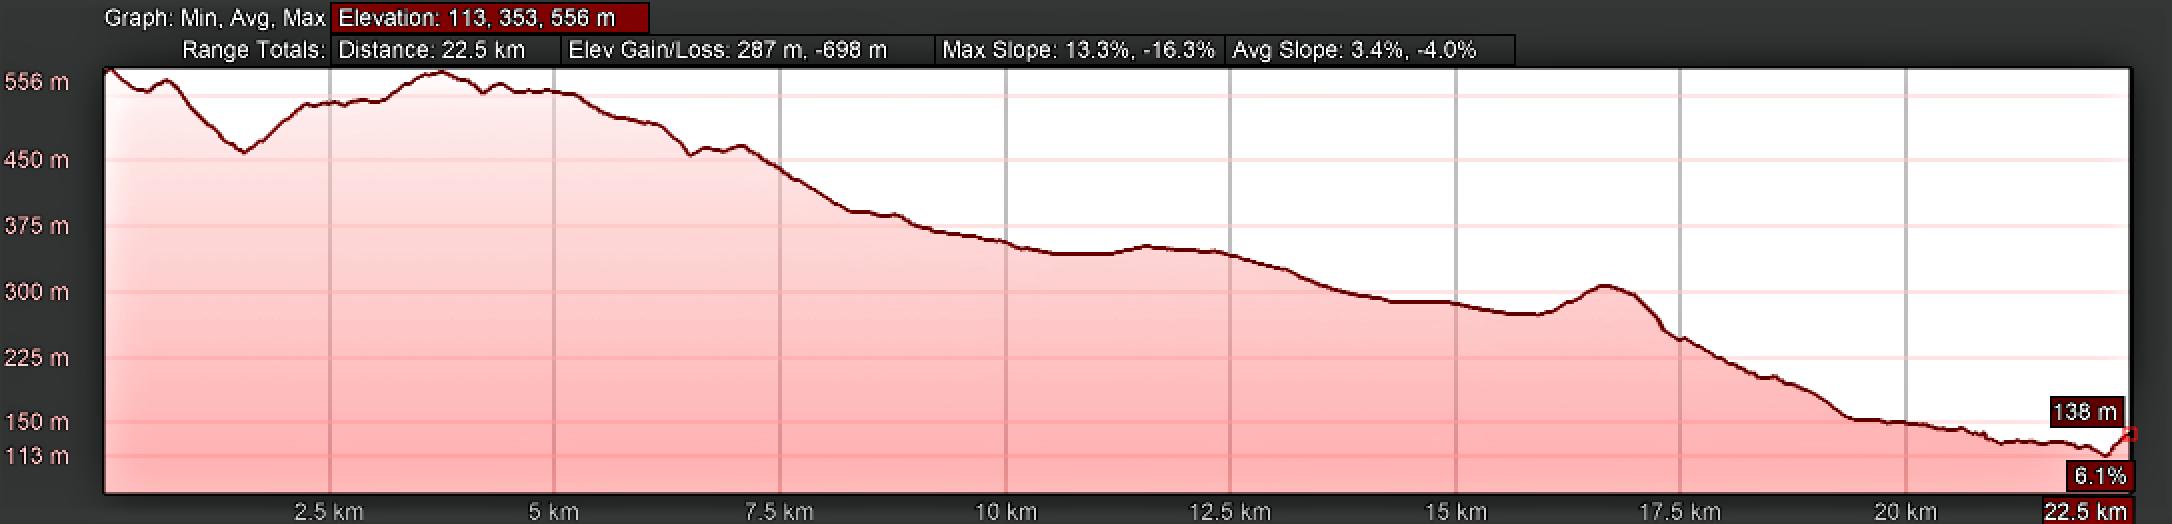 Elevation Profile, Camino Sanabrés, Xunqueira de Ambía to Ourense